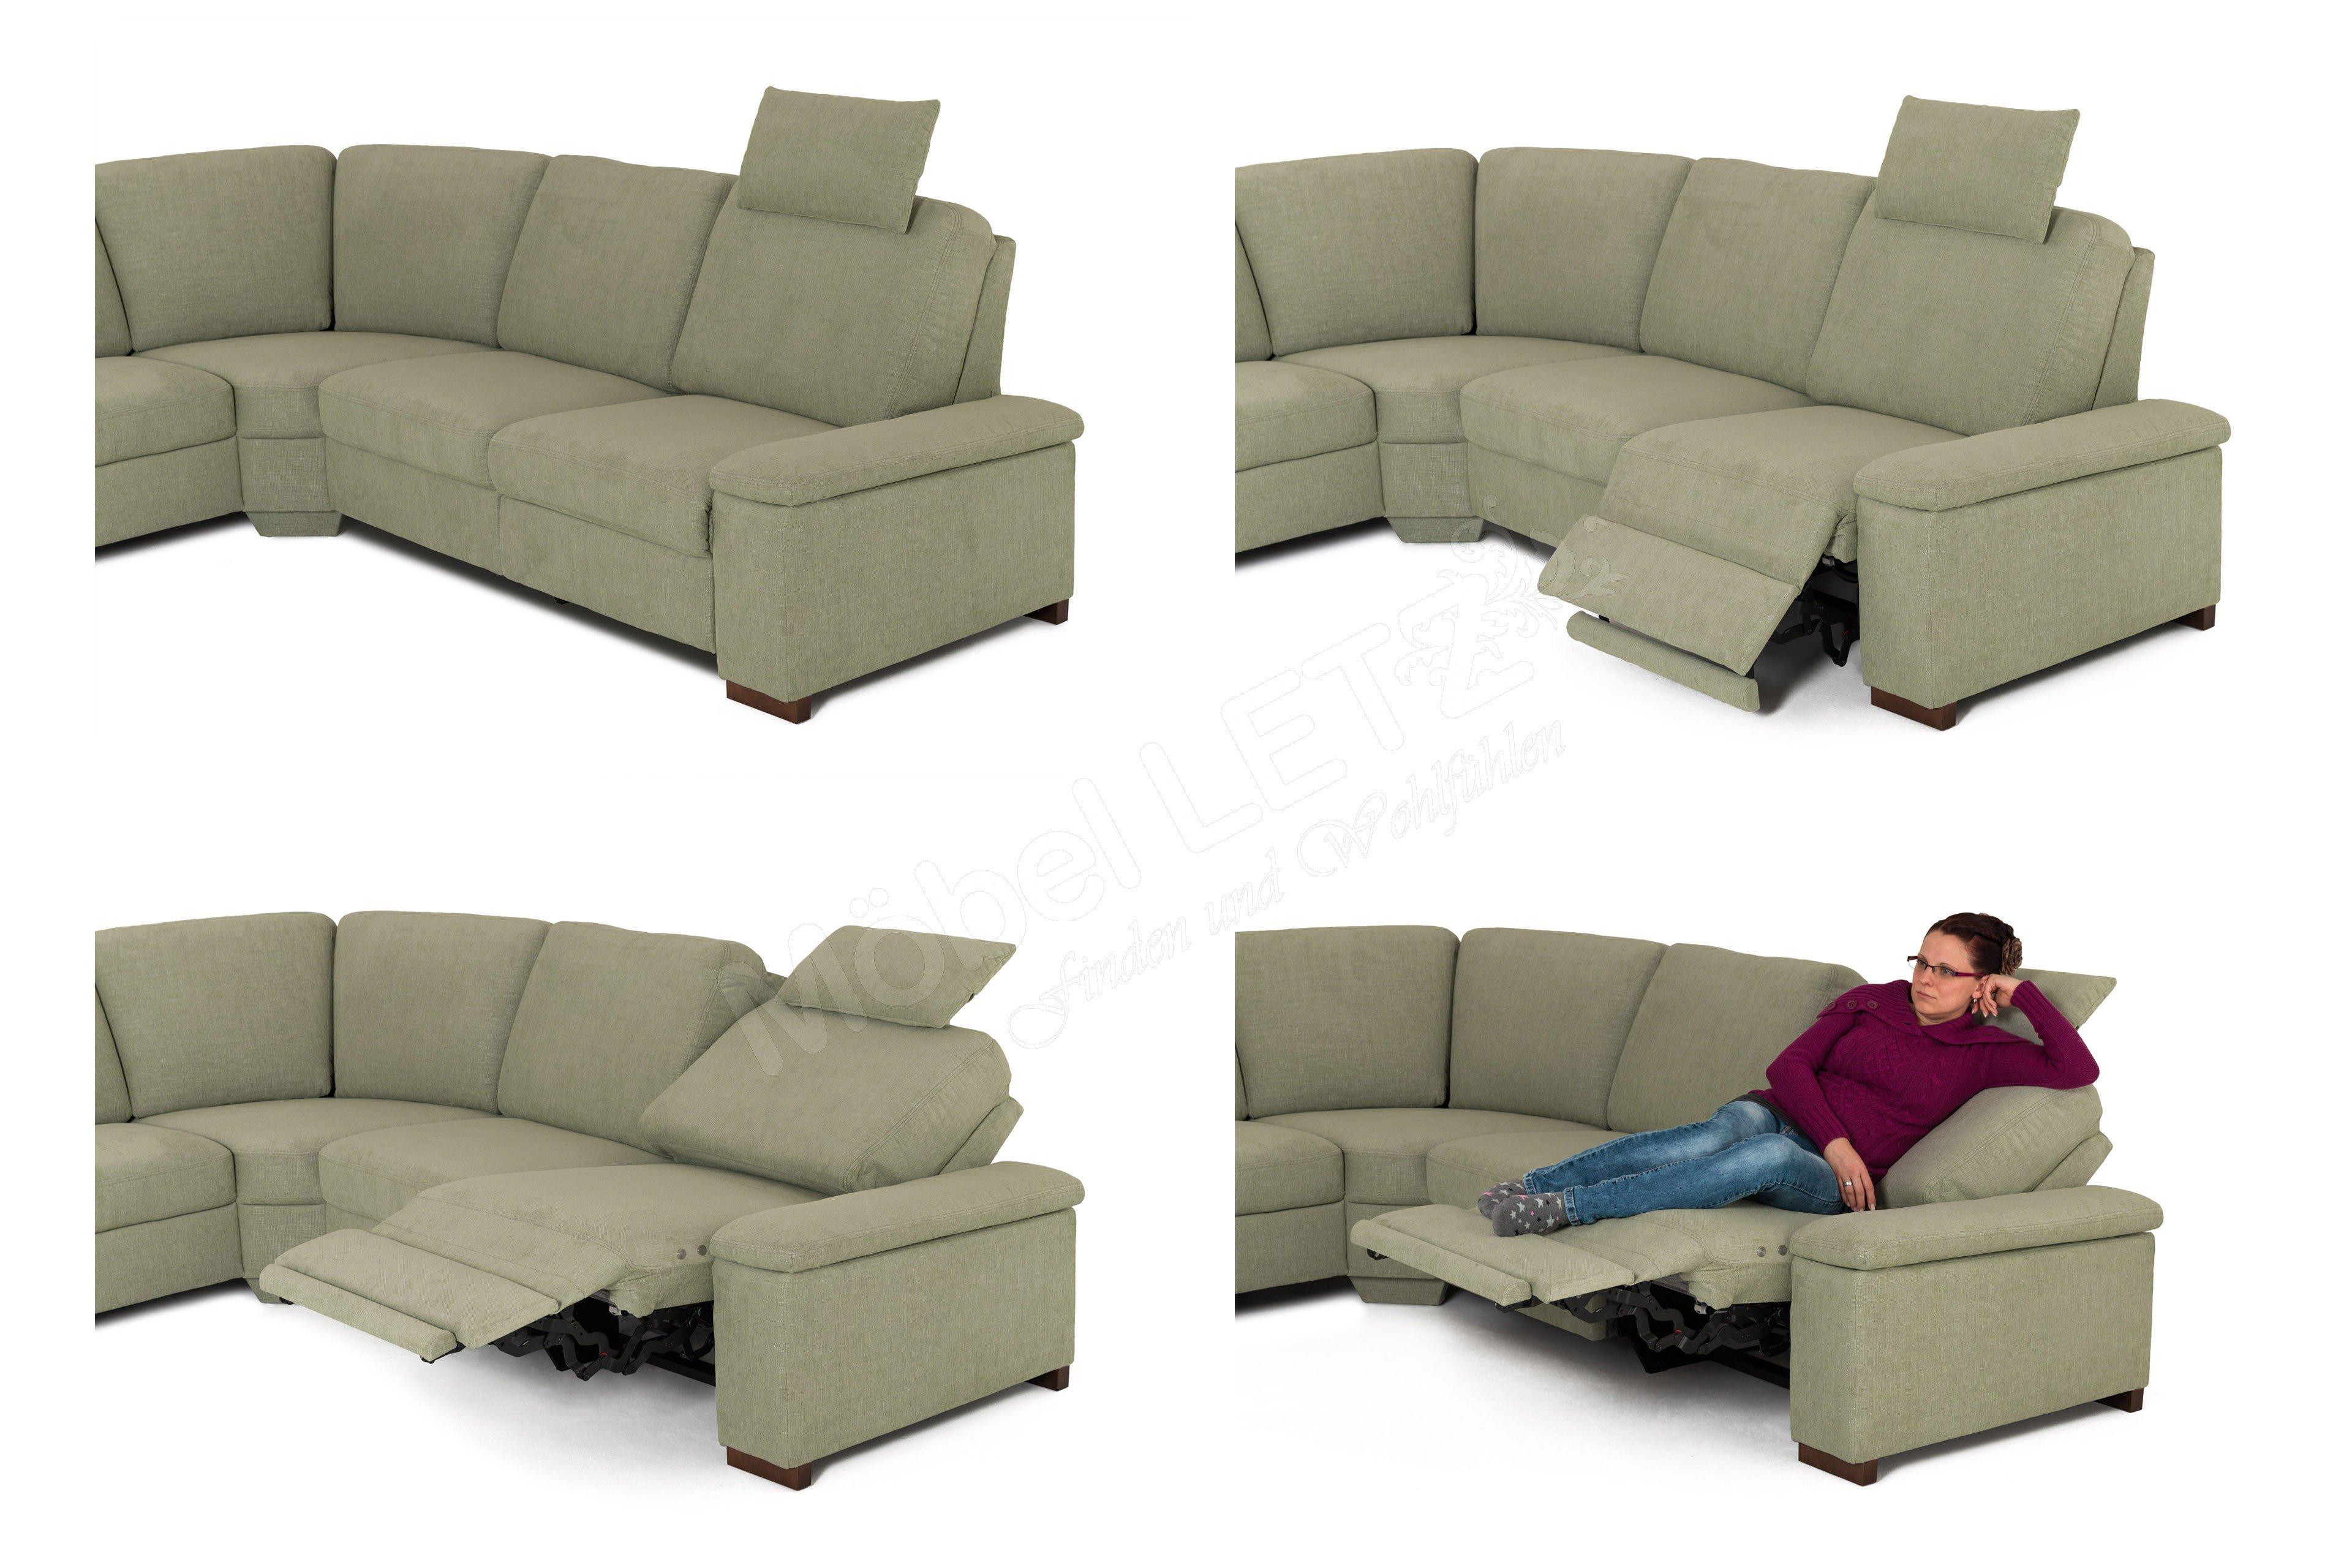 pm oelsa sofalandschaft baile in gr n m bel letz ihr online shop. Black Bedroom Furniture Sets. Home Design Ideas